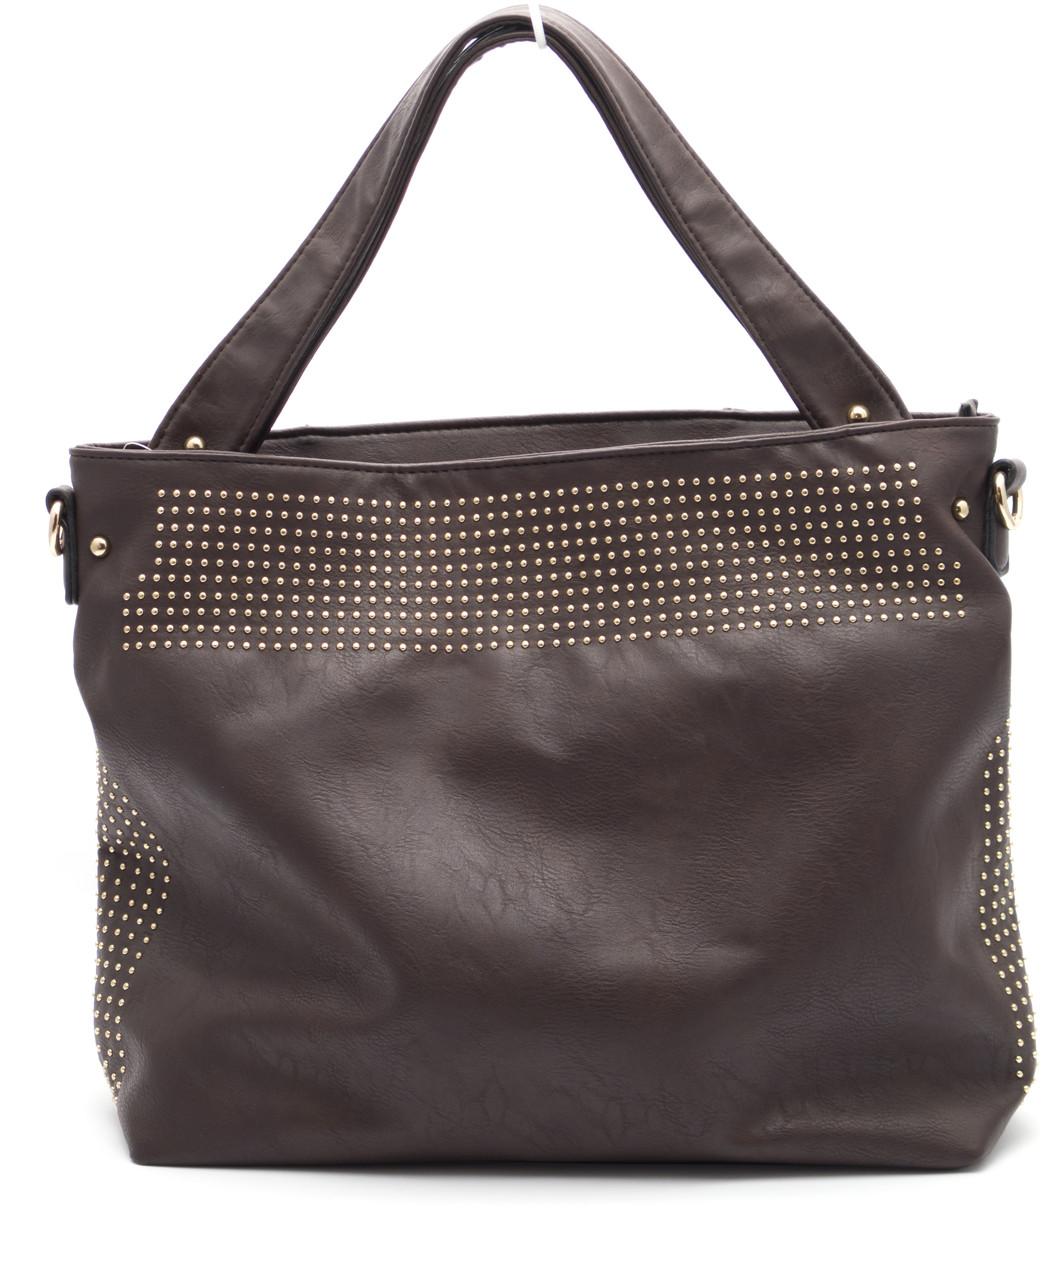 Стильная коричневая женская сумка Б/Н art. 710